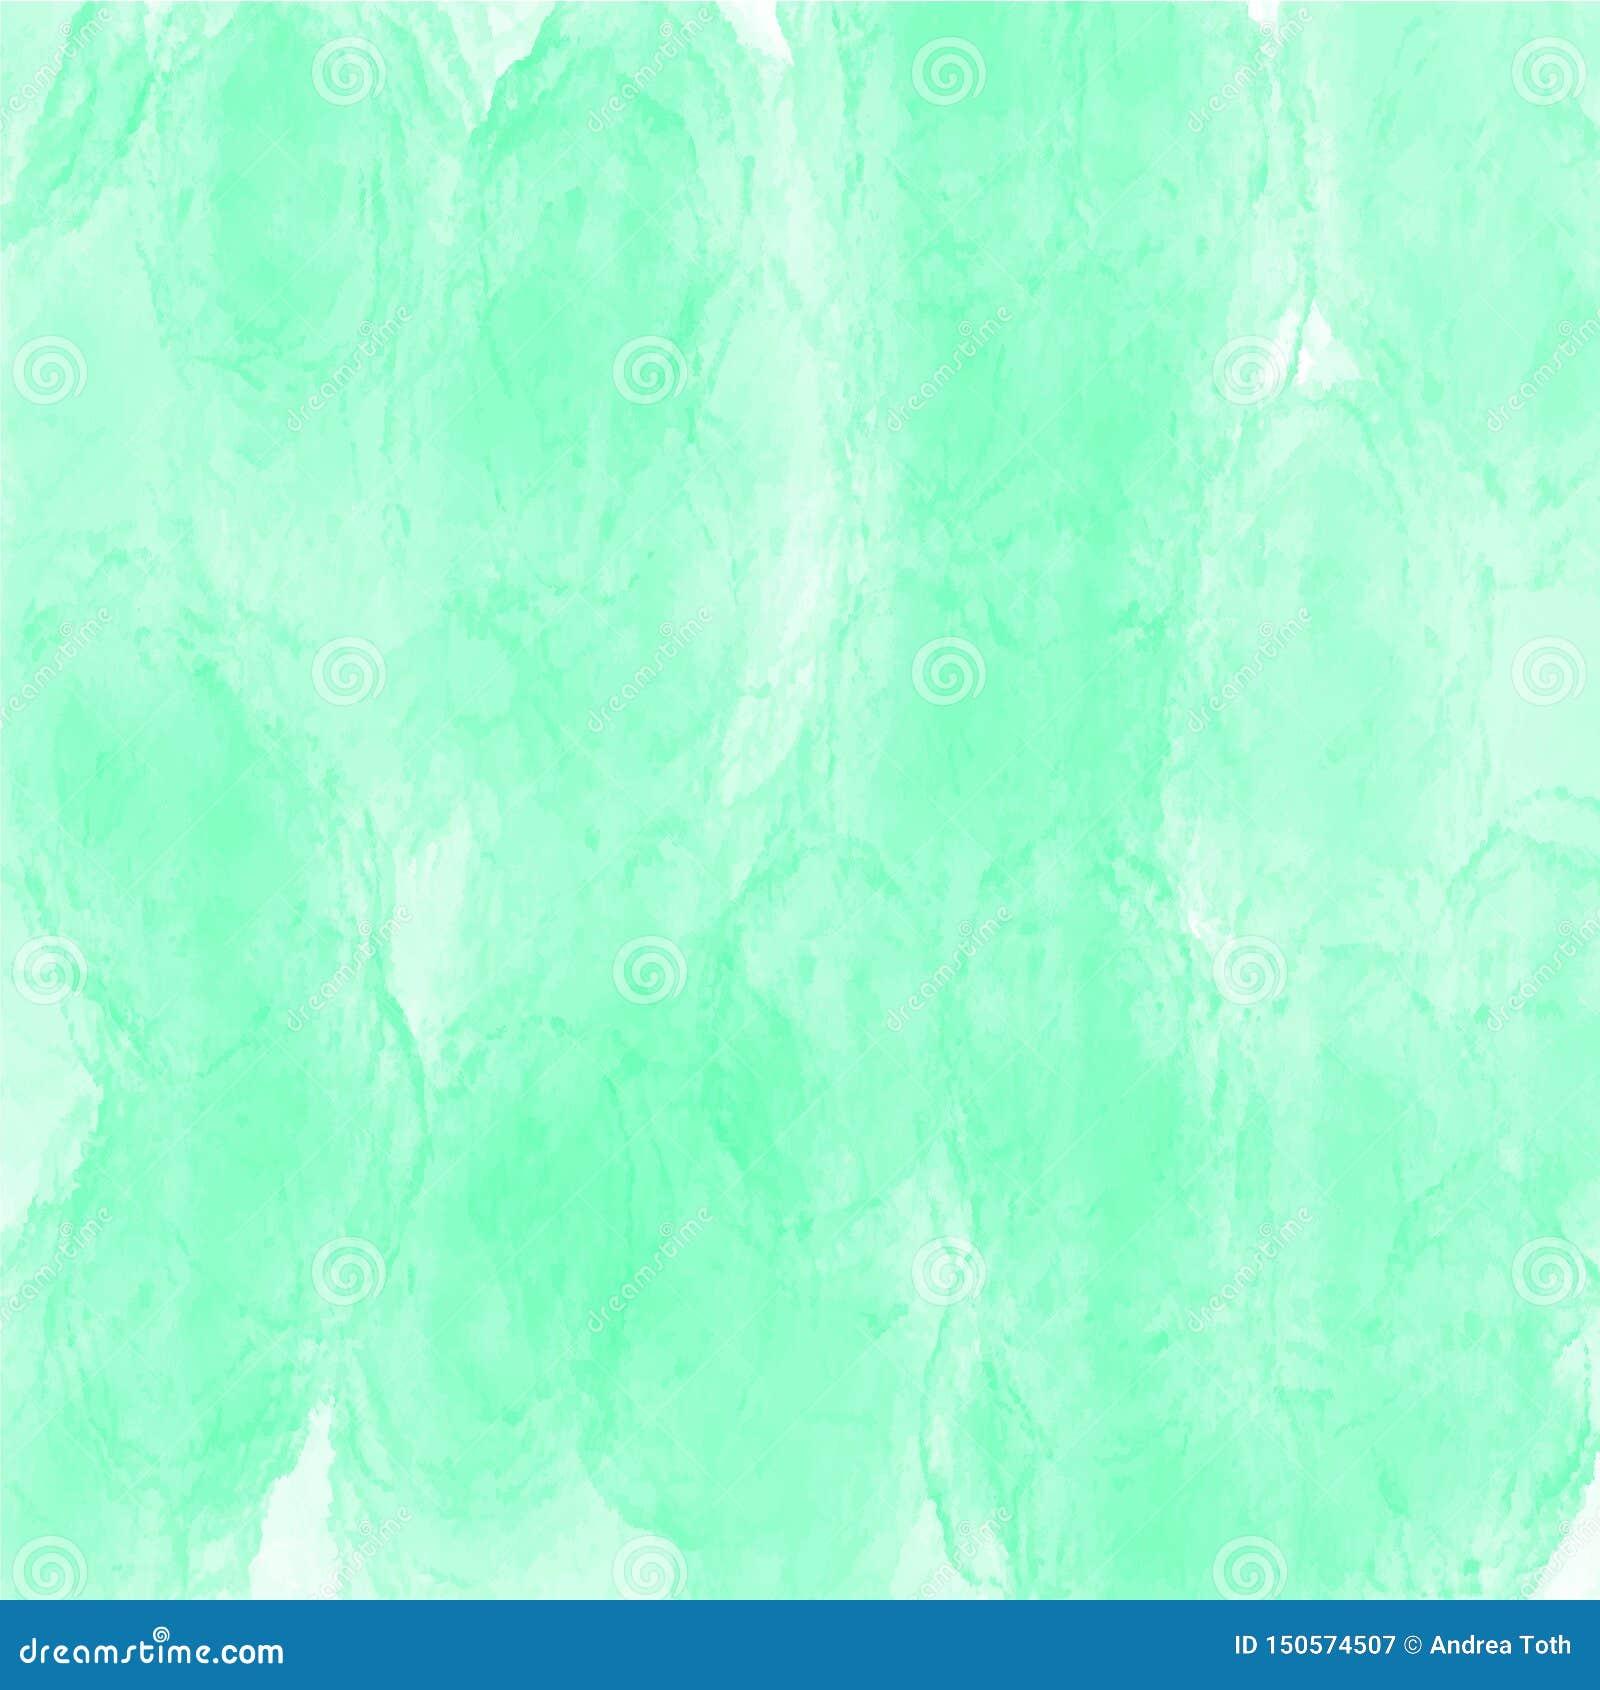 Groen waterverf achtergrond vectortextuurpatroon voor websites, presentaties of kunstwerk